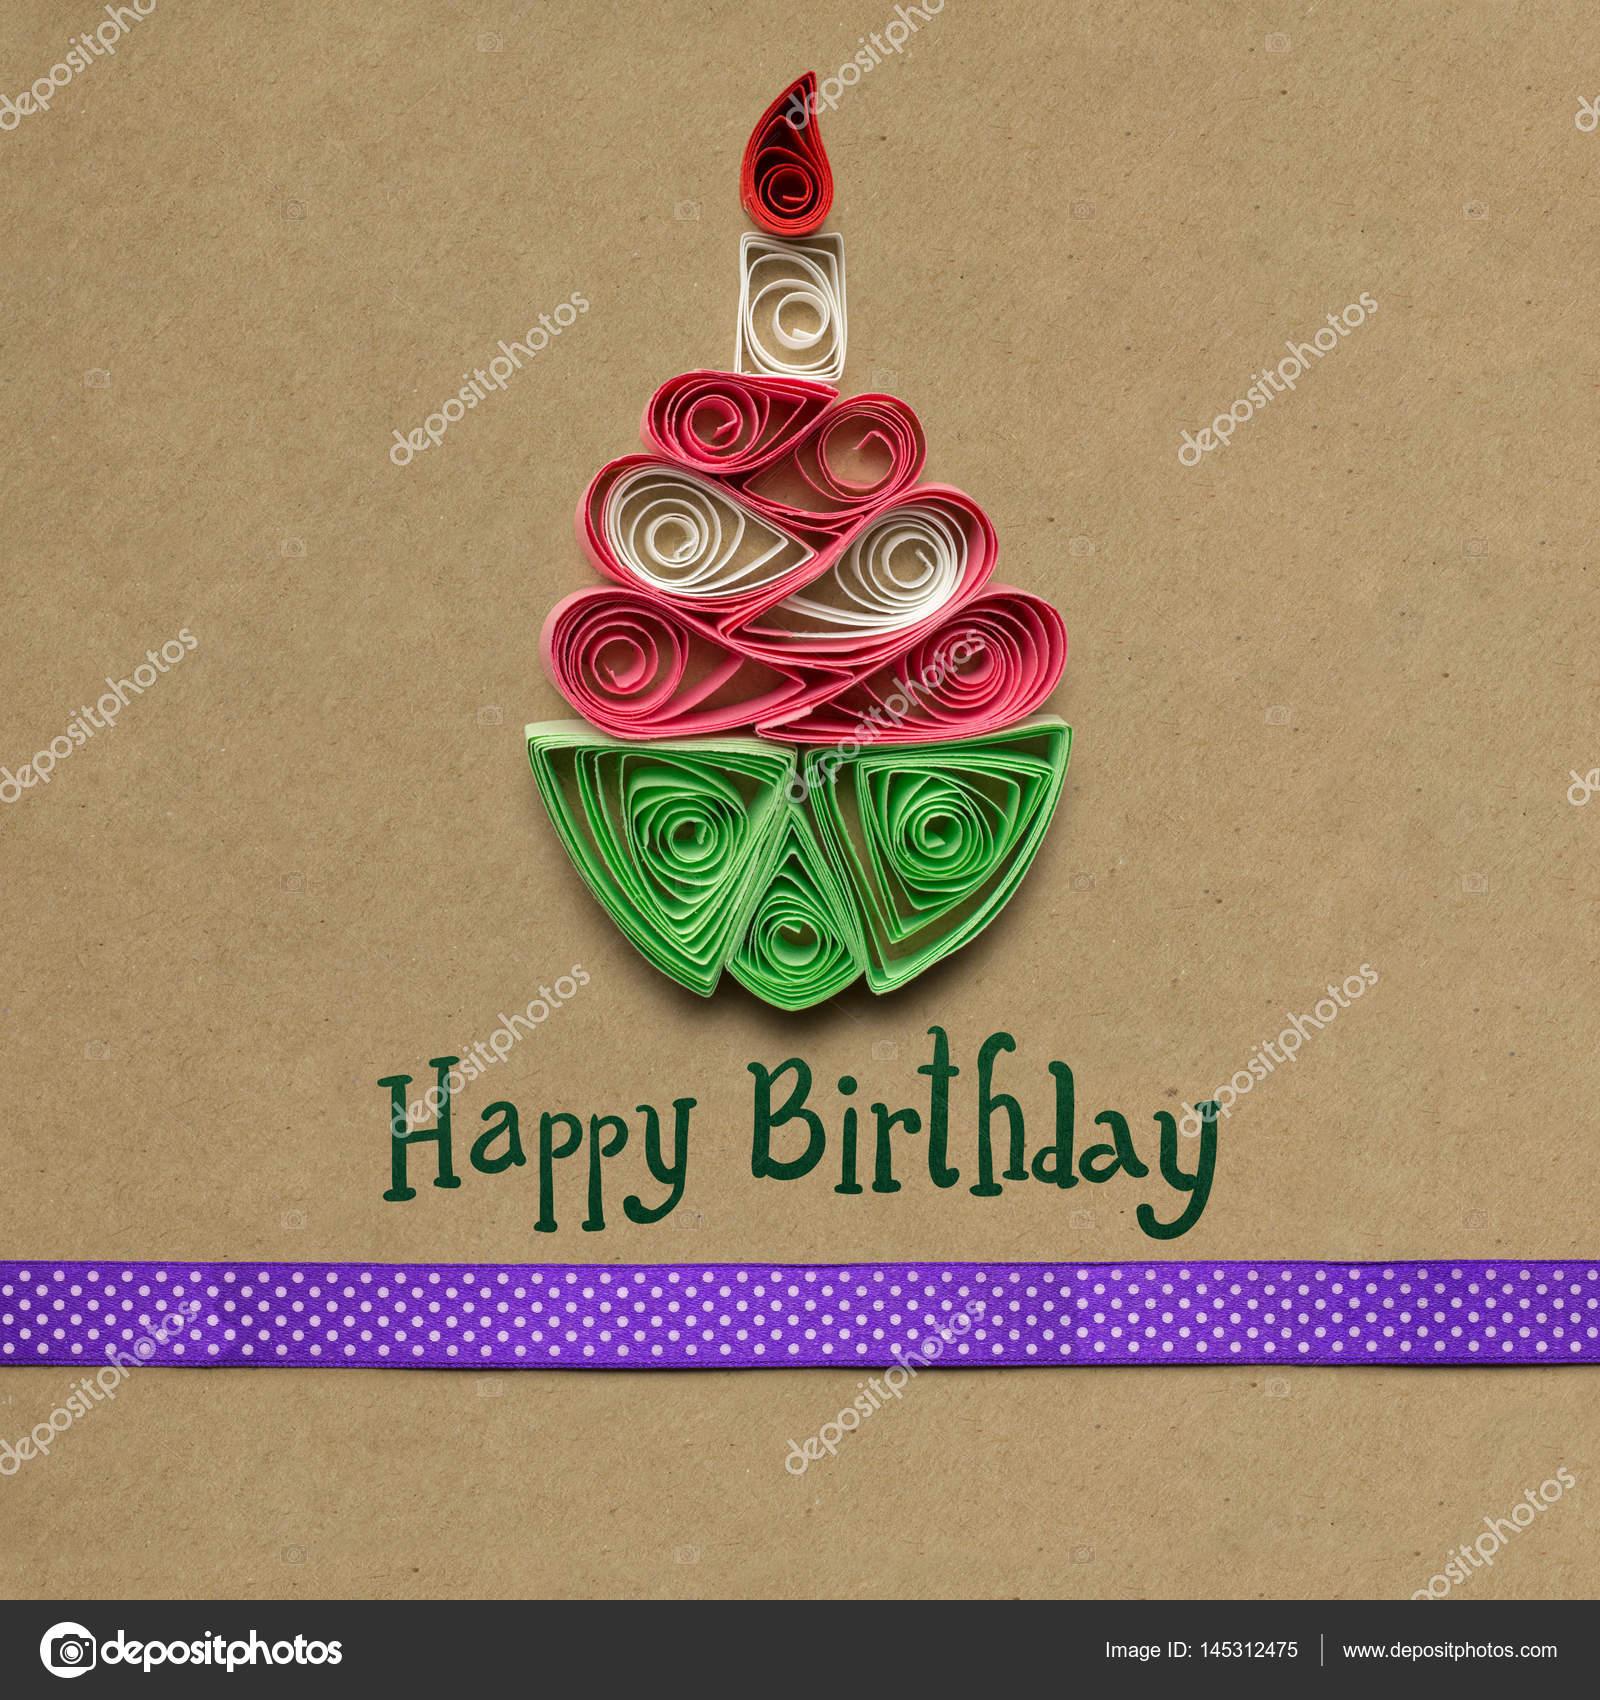 Herzlichen Gluckwunsch Zum Geburtstag Kreativkonzept Foto Von